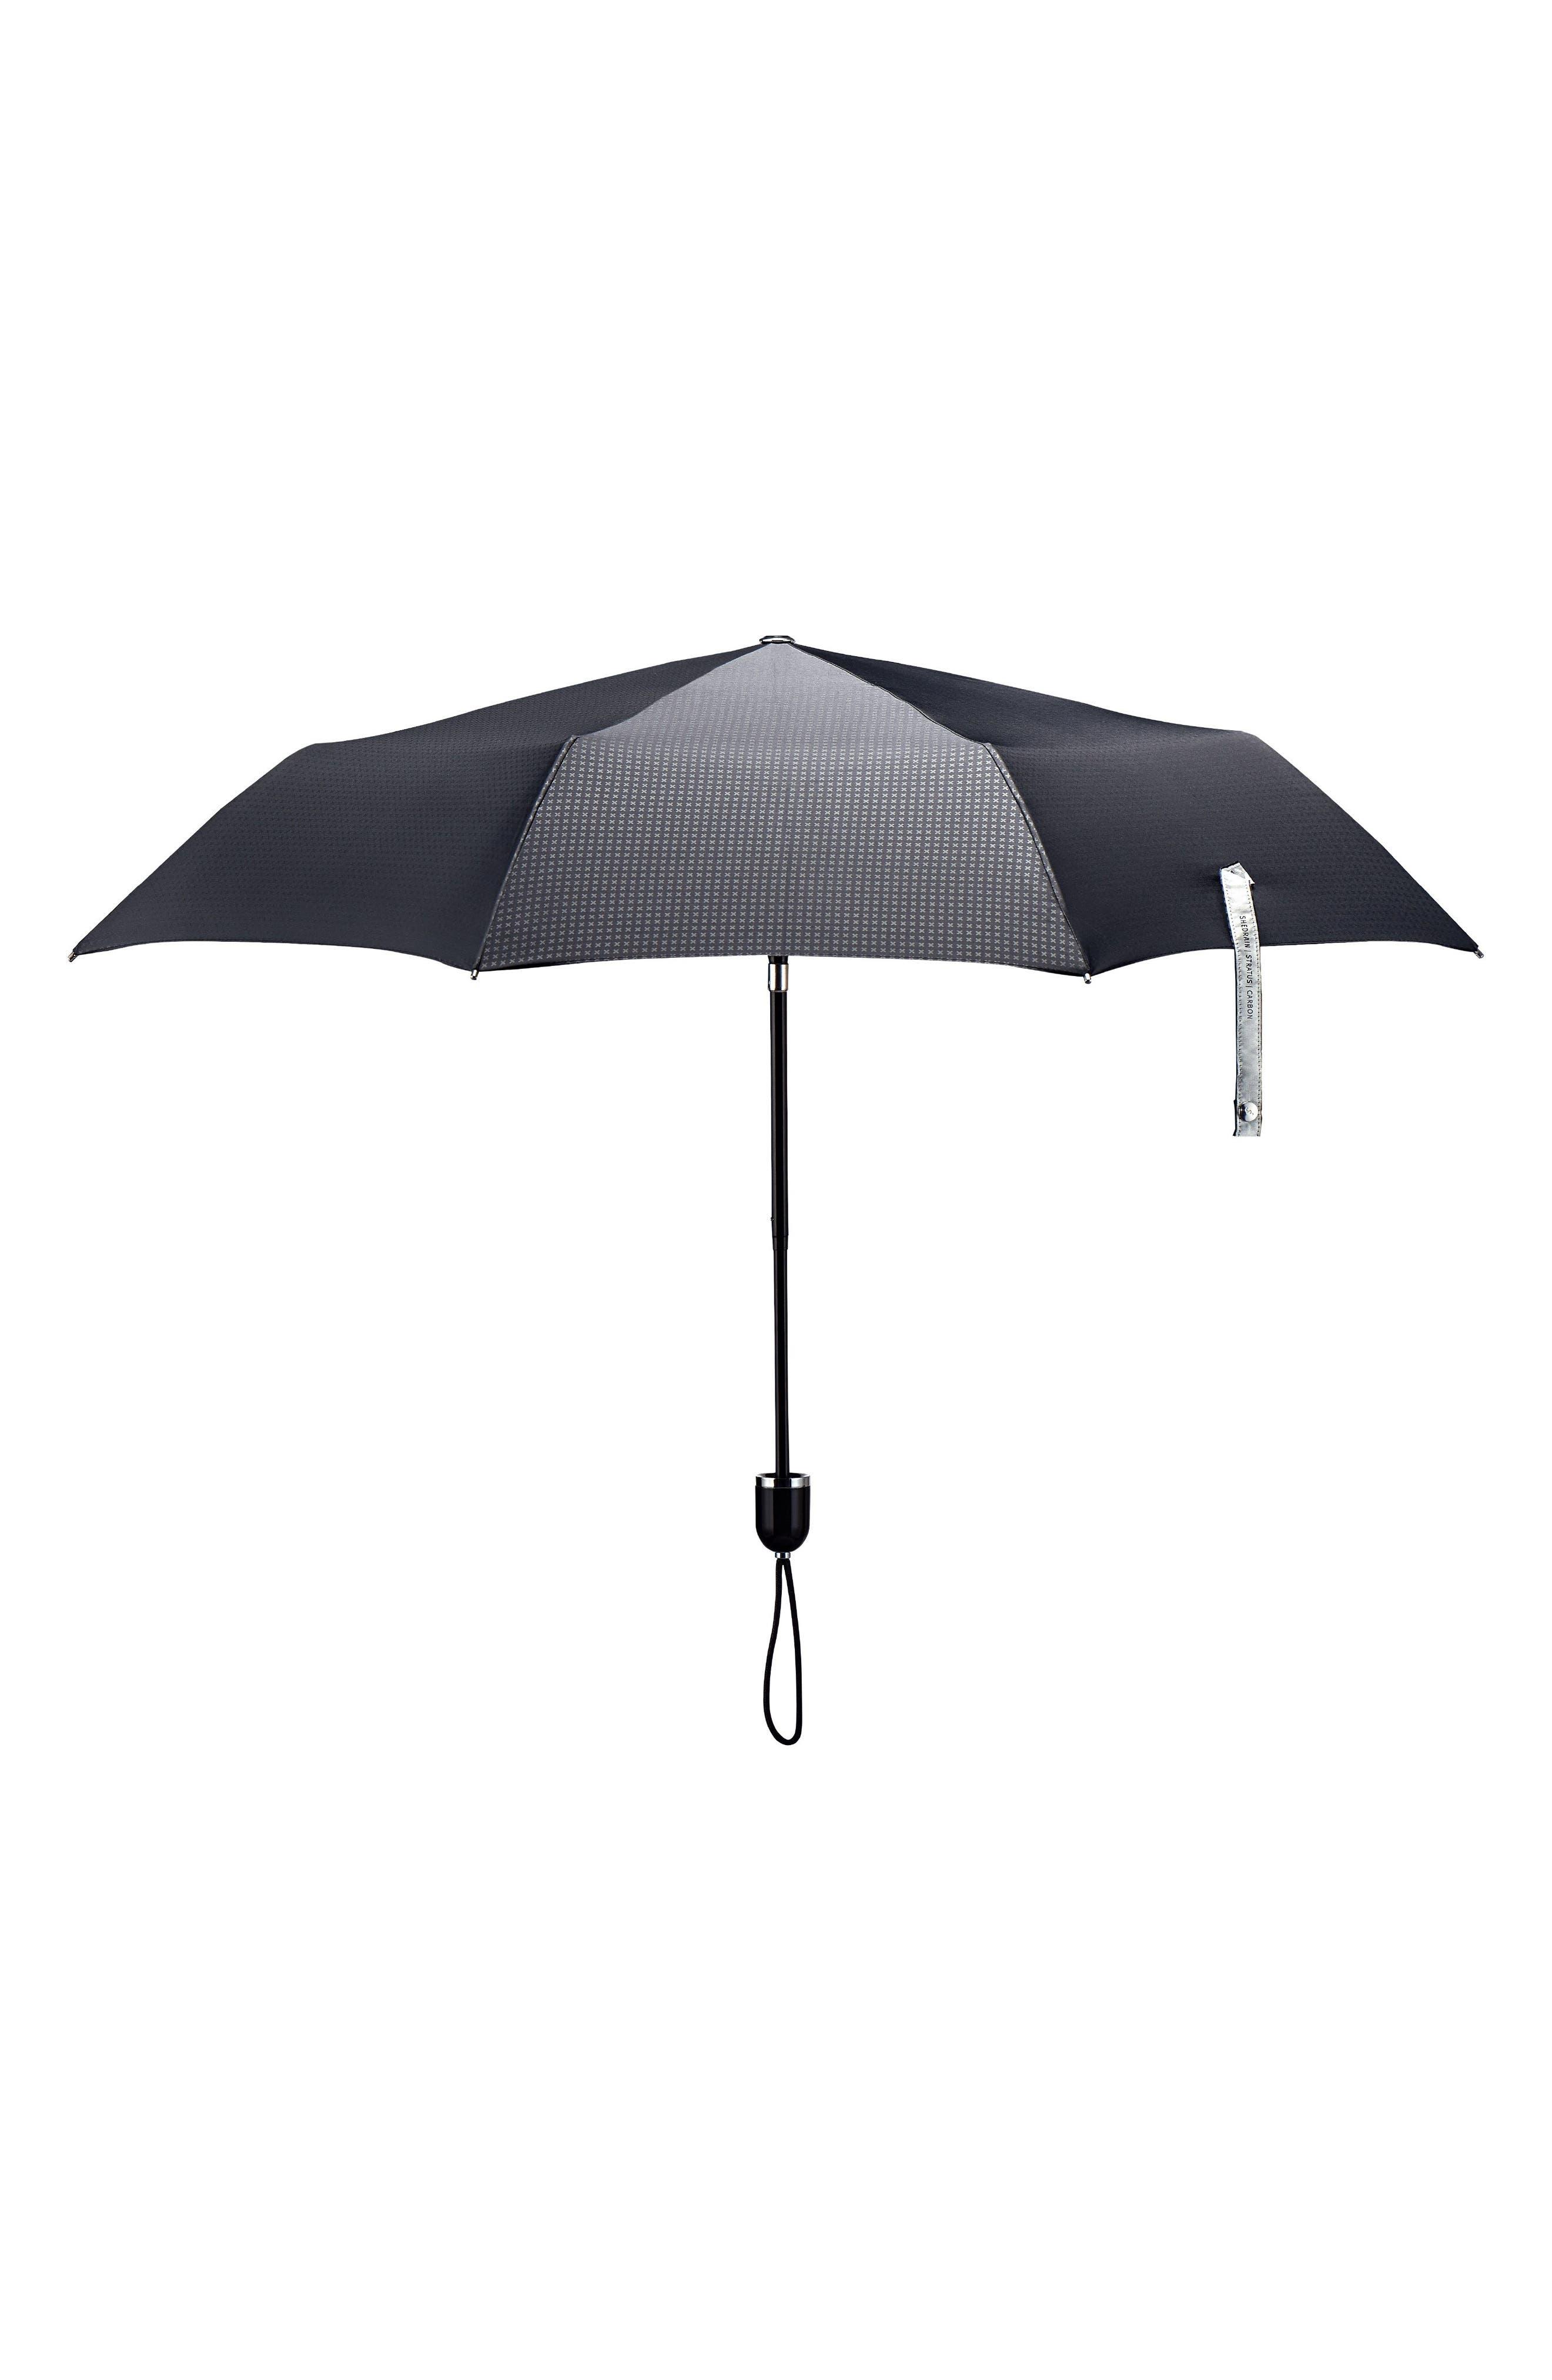 ShedRain Stratus Auto Open Compact Umbrella